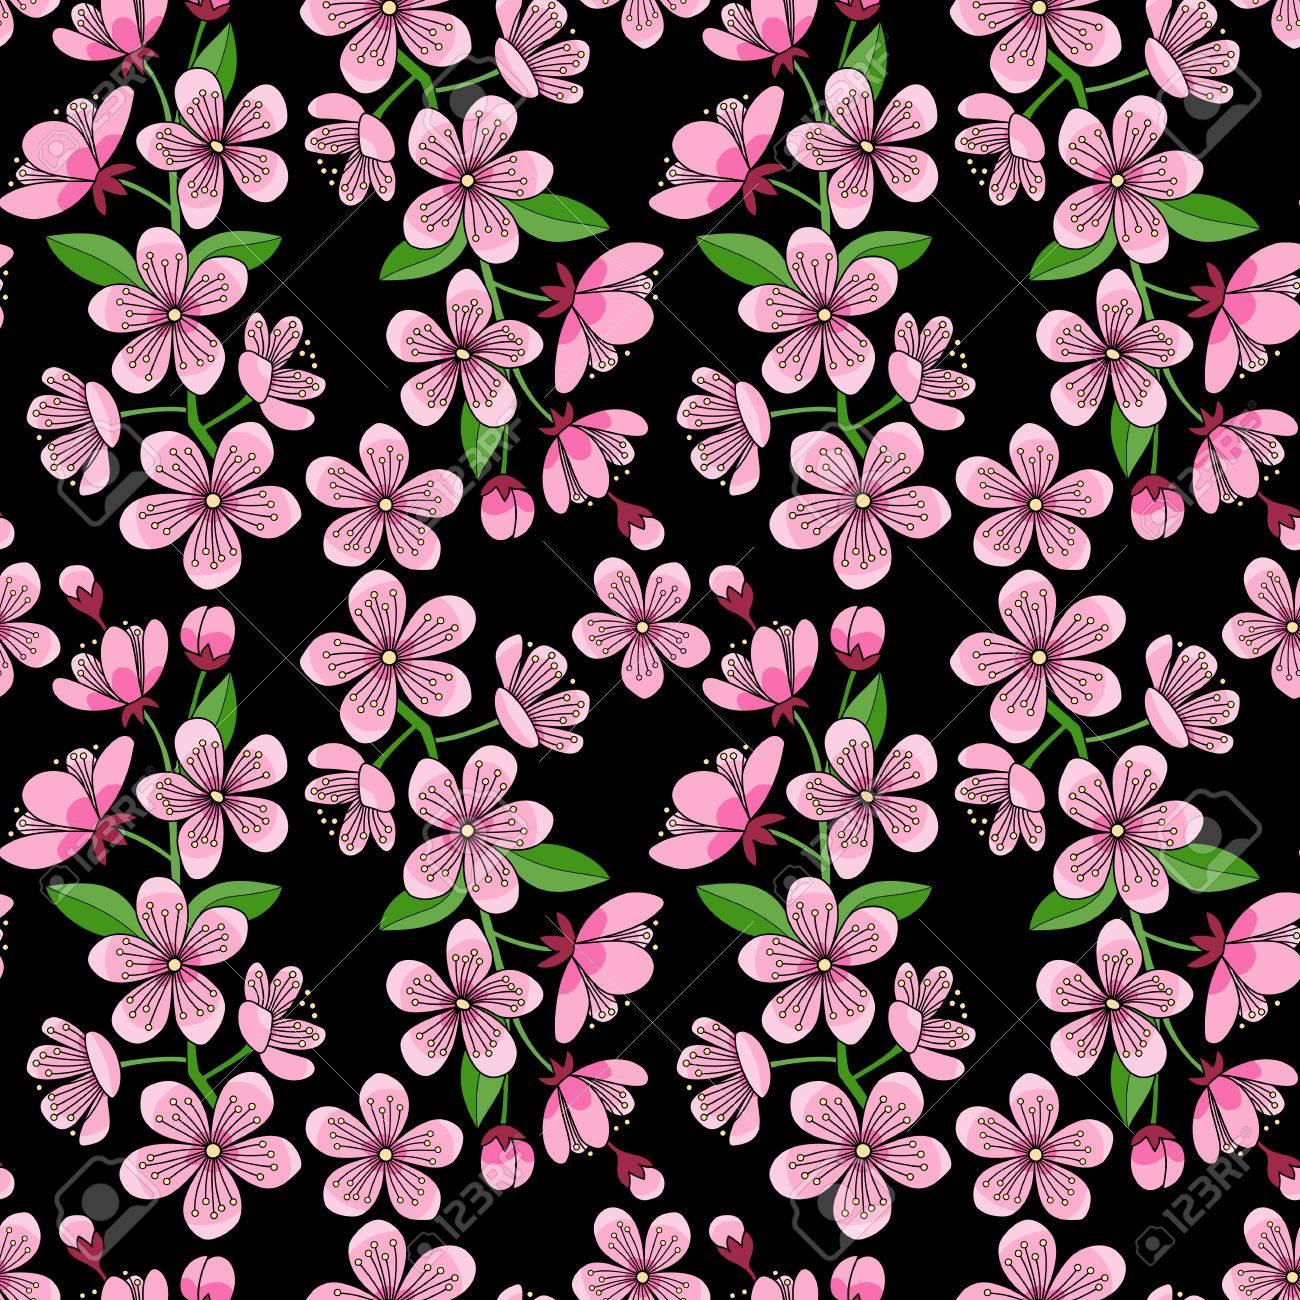 Modele Sans Couture Chaotique De Fleur De Cerisier Sur Fond Noir